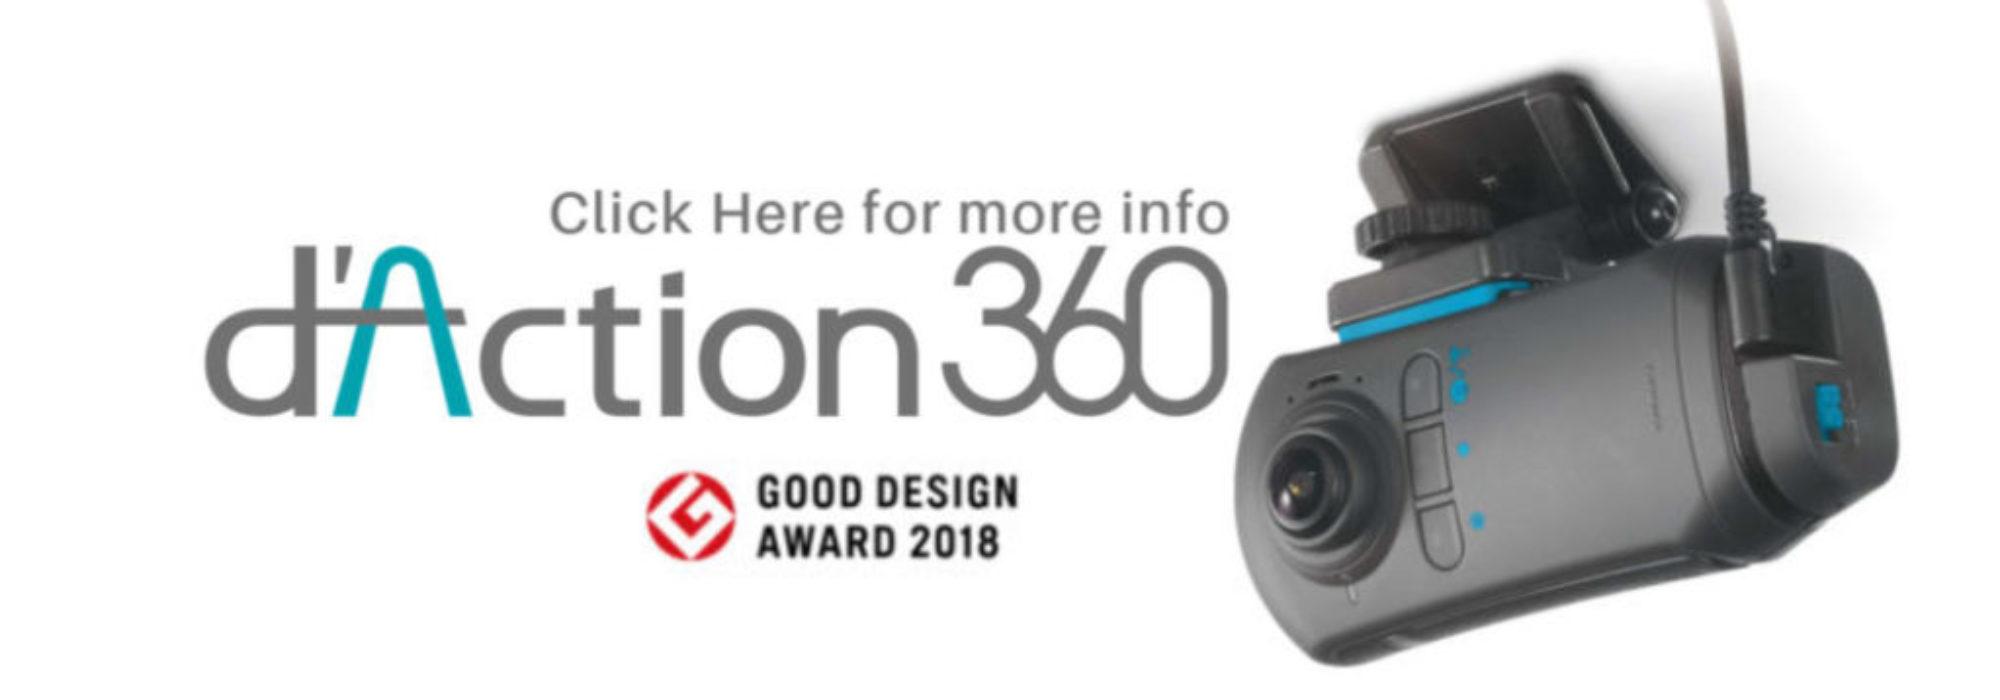 5000A good design award